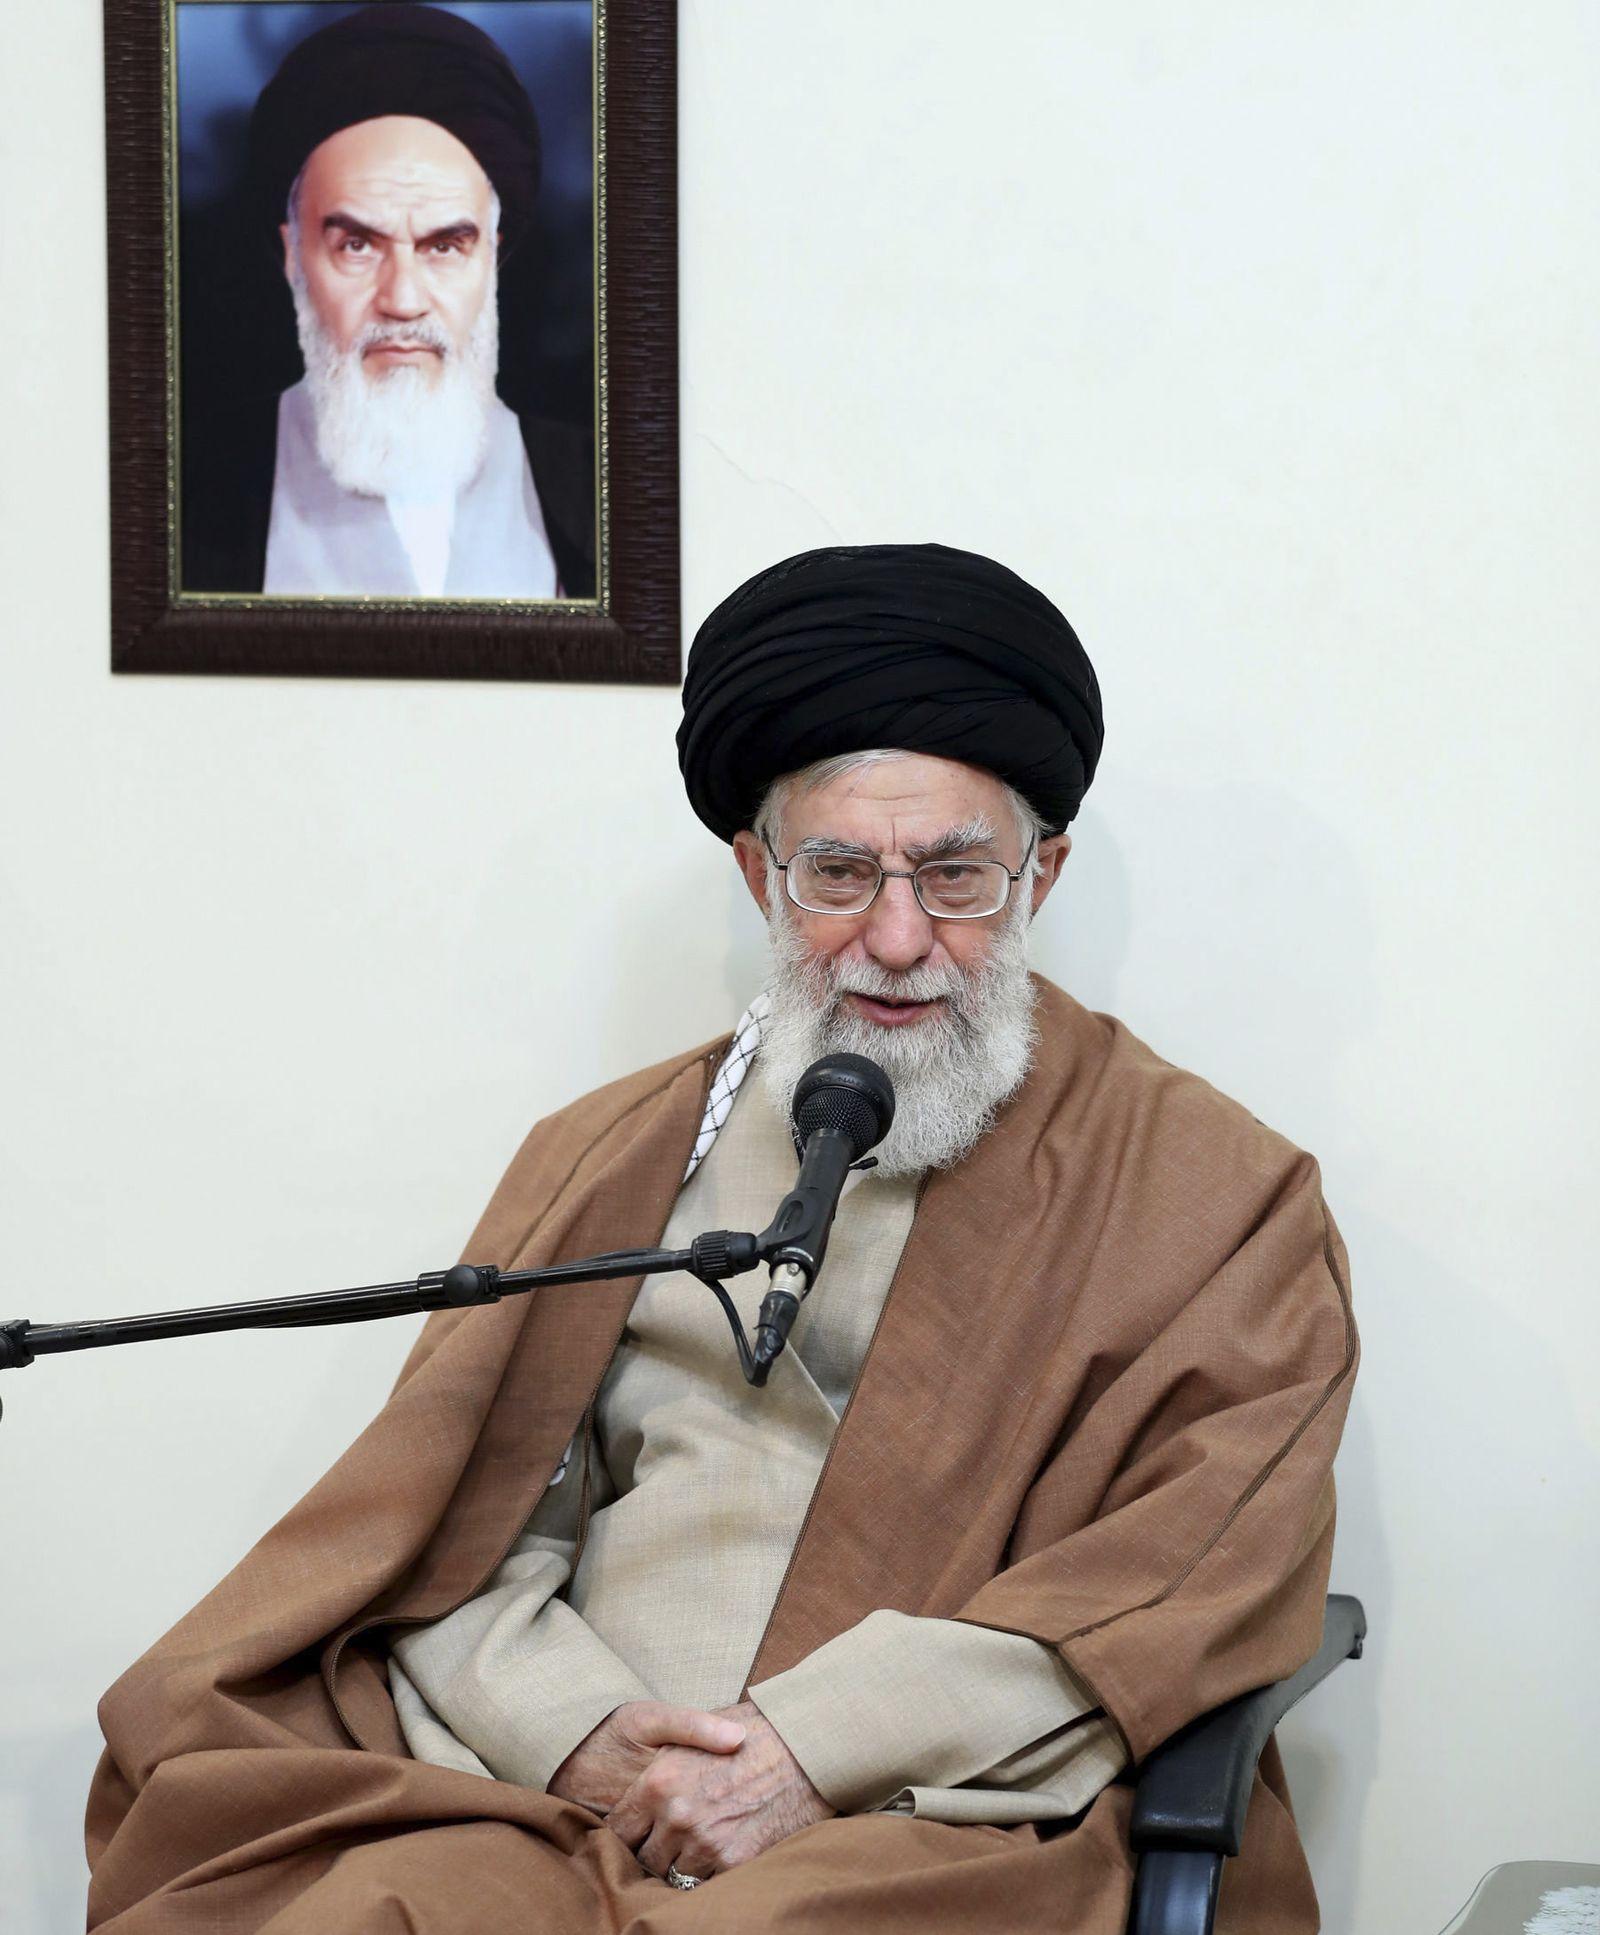 Ali Khamenei/Iran